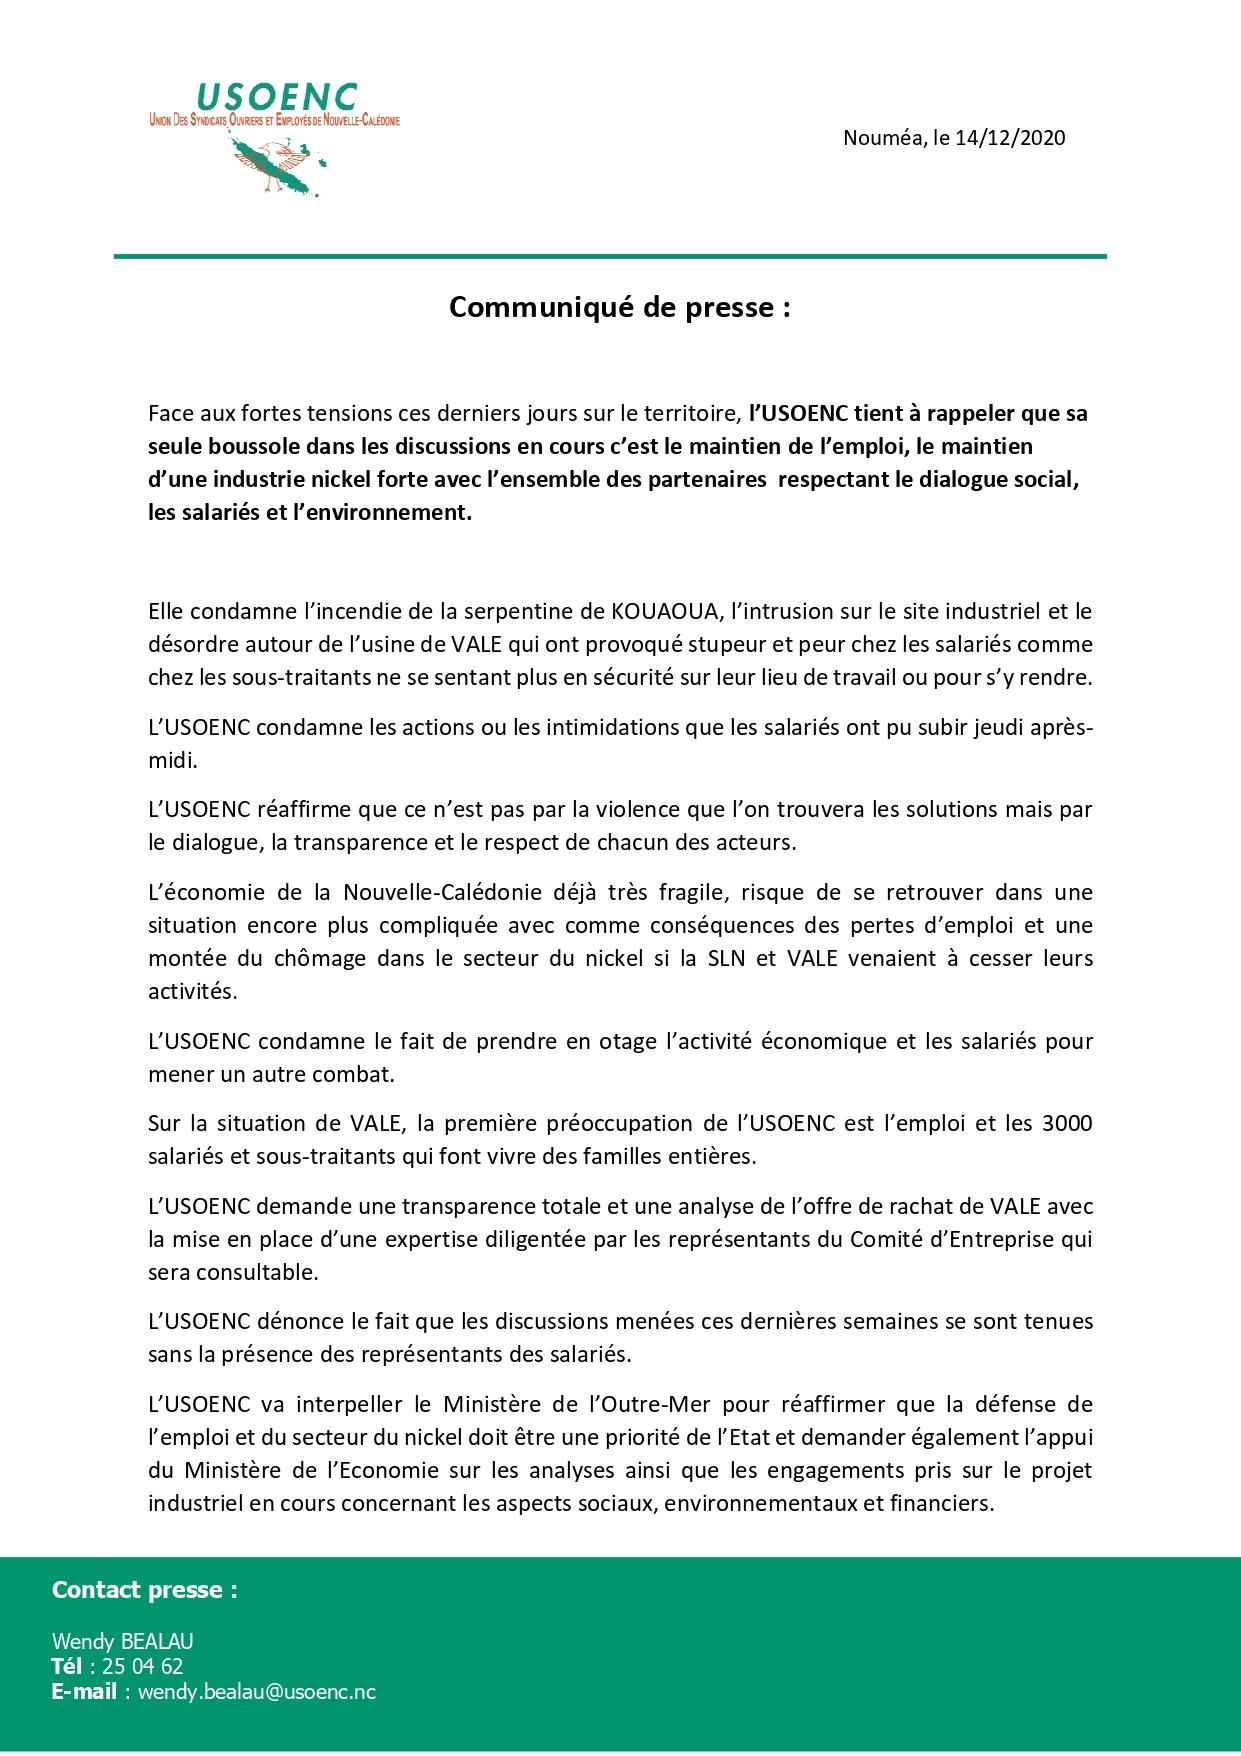 Communiqué de Presse : USOENC quant à la situation de l'Usine du Sud